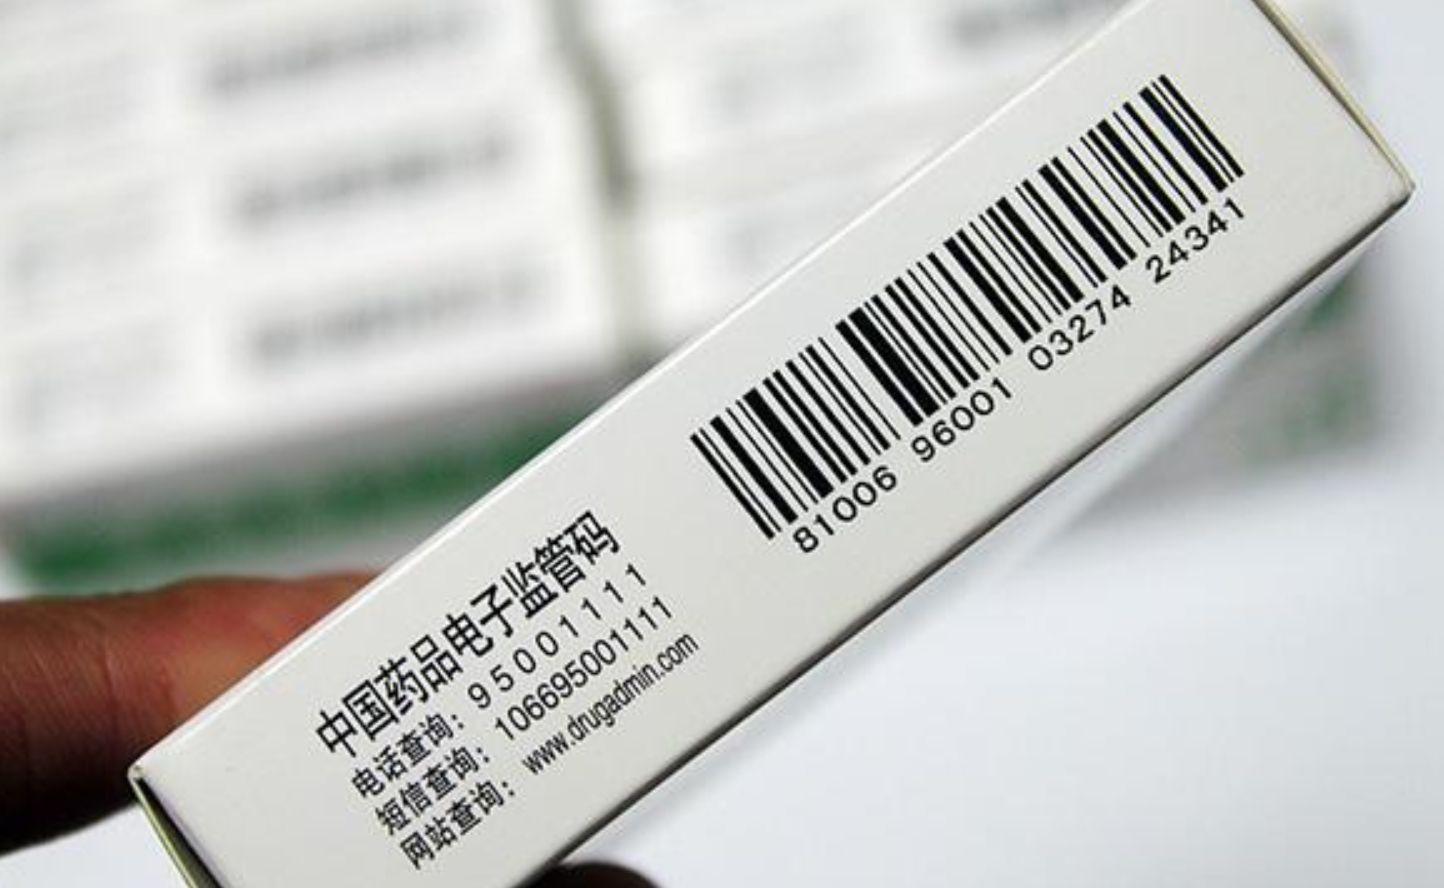 天津將推藥品追溯係統 杜絕取藥倒賣 打擊非法藥品市場